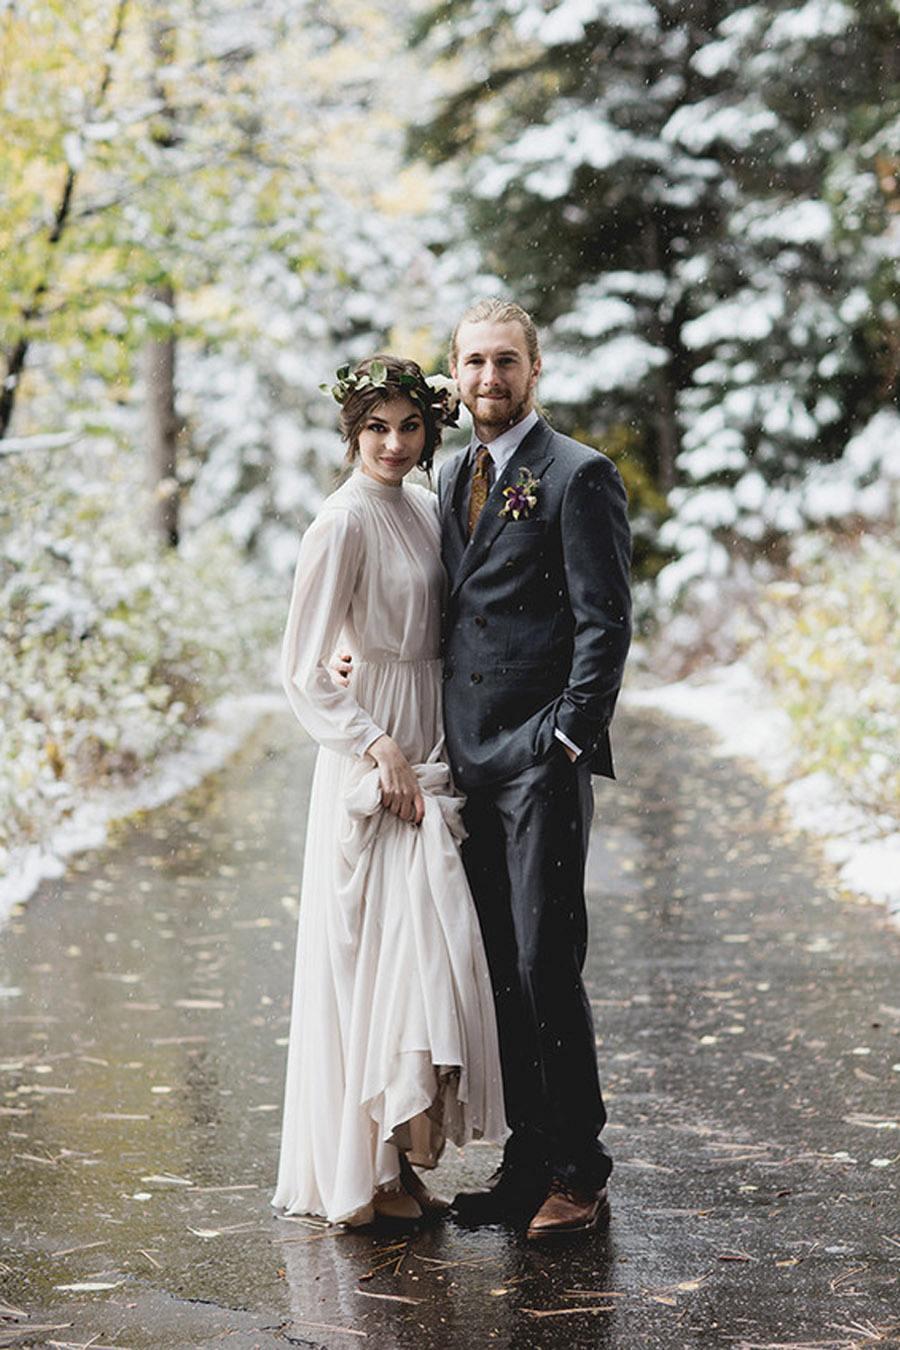 UNA BODA DE INVIERNO EN LA MONTAÑA boda-navidad